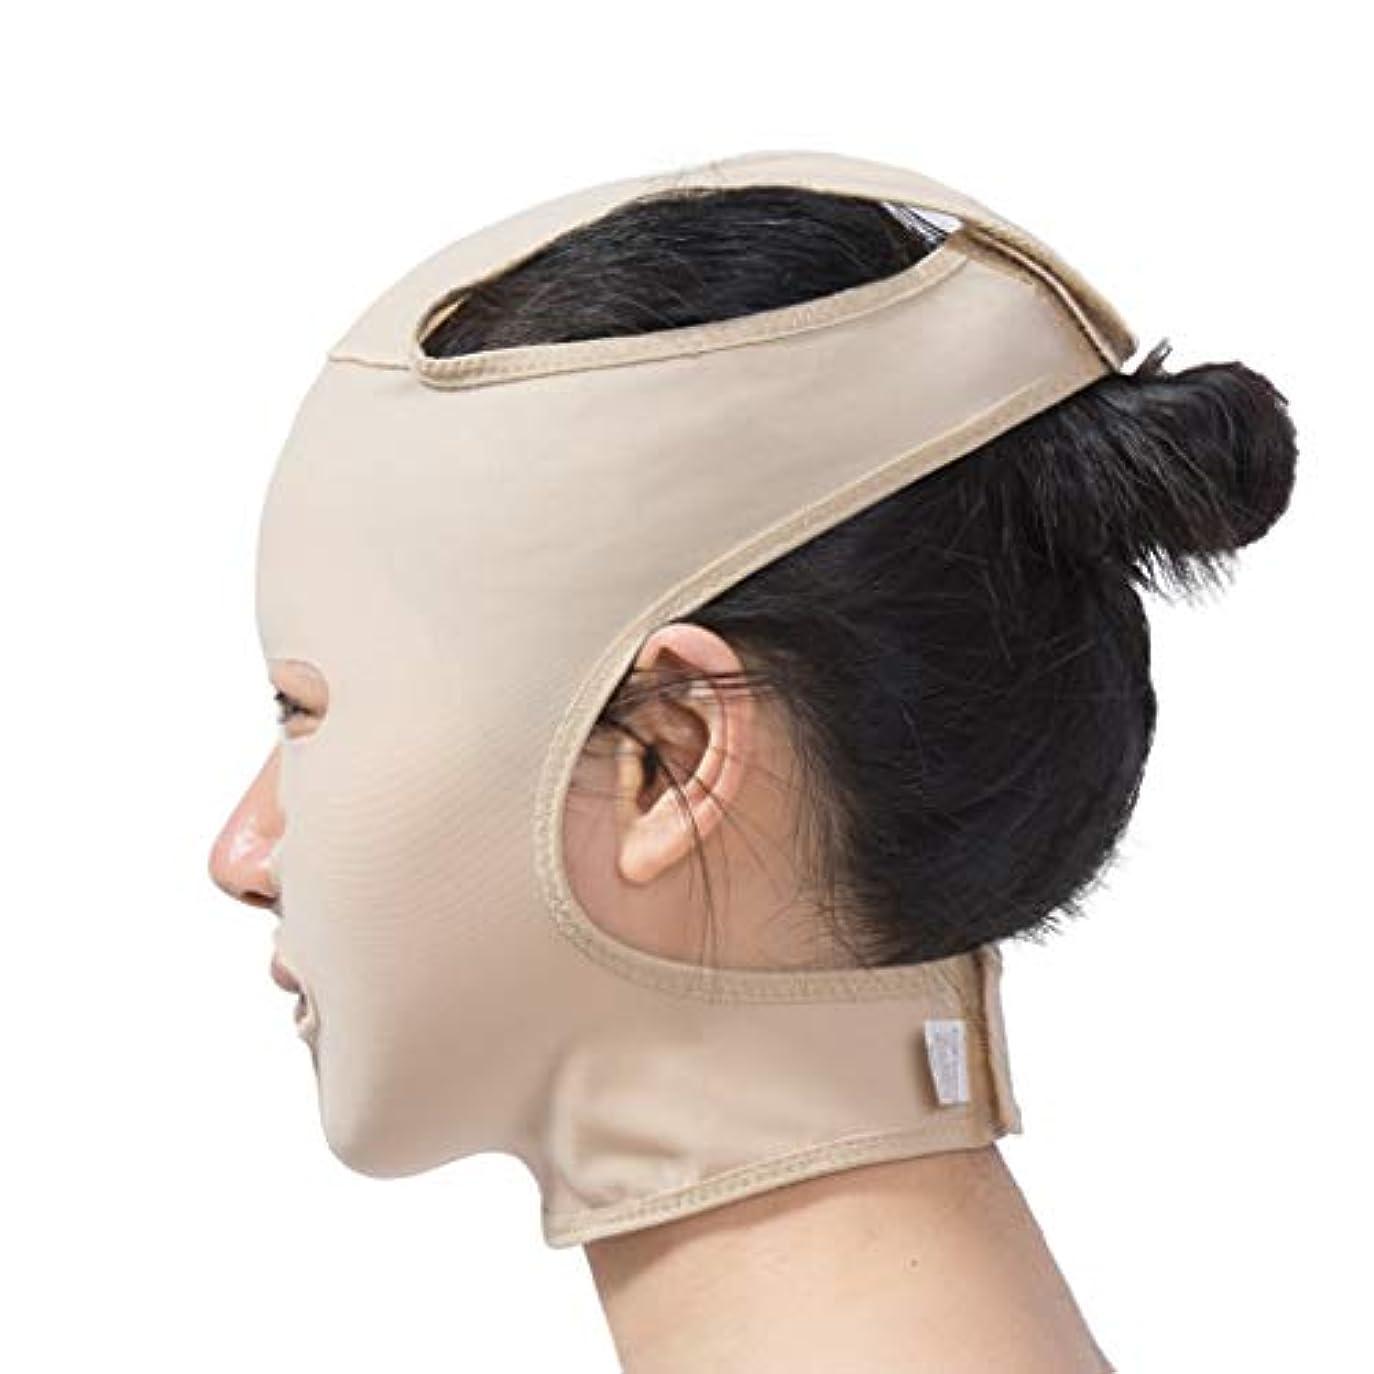 メジャーレイアキャロラインXHLMRMJ フェイスリフトマスク、フルフェイスマスク医療グレード圧力フェイスダブルチンプラスチック脂肪吸引術弾性包帯ヘッドギア後の顔の脂肪吸引術 (Size : XL)